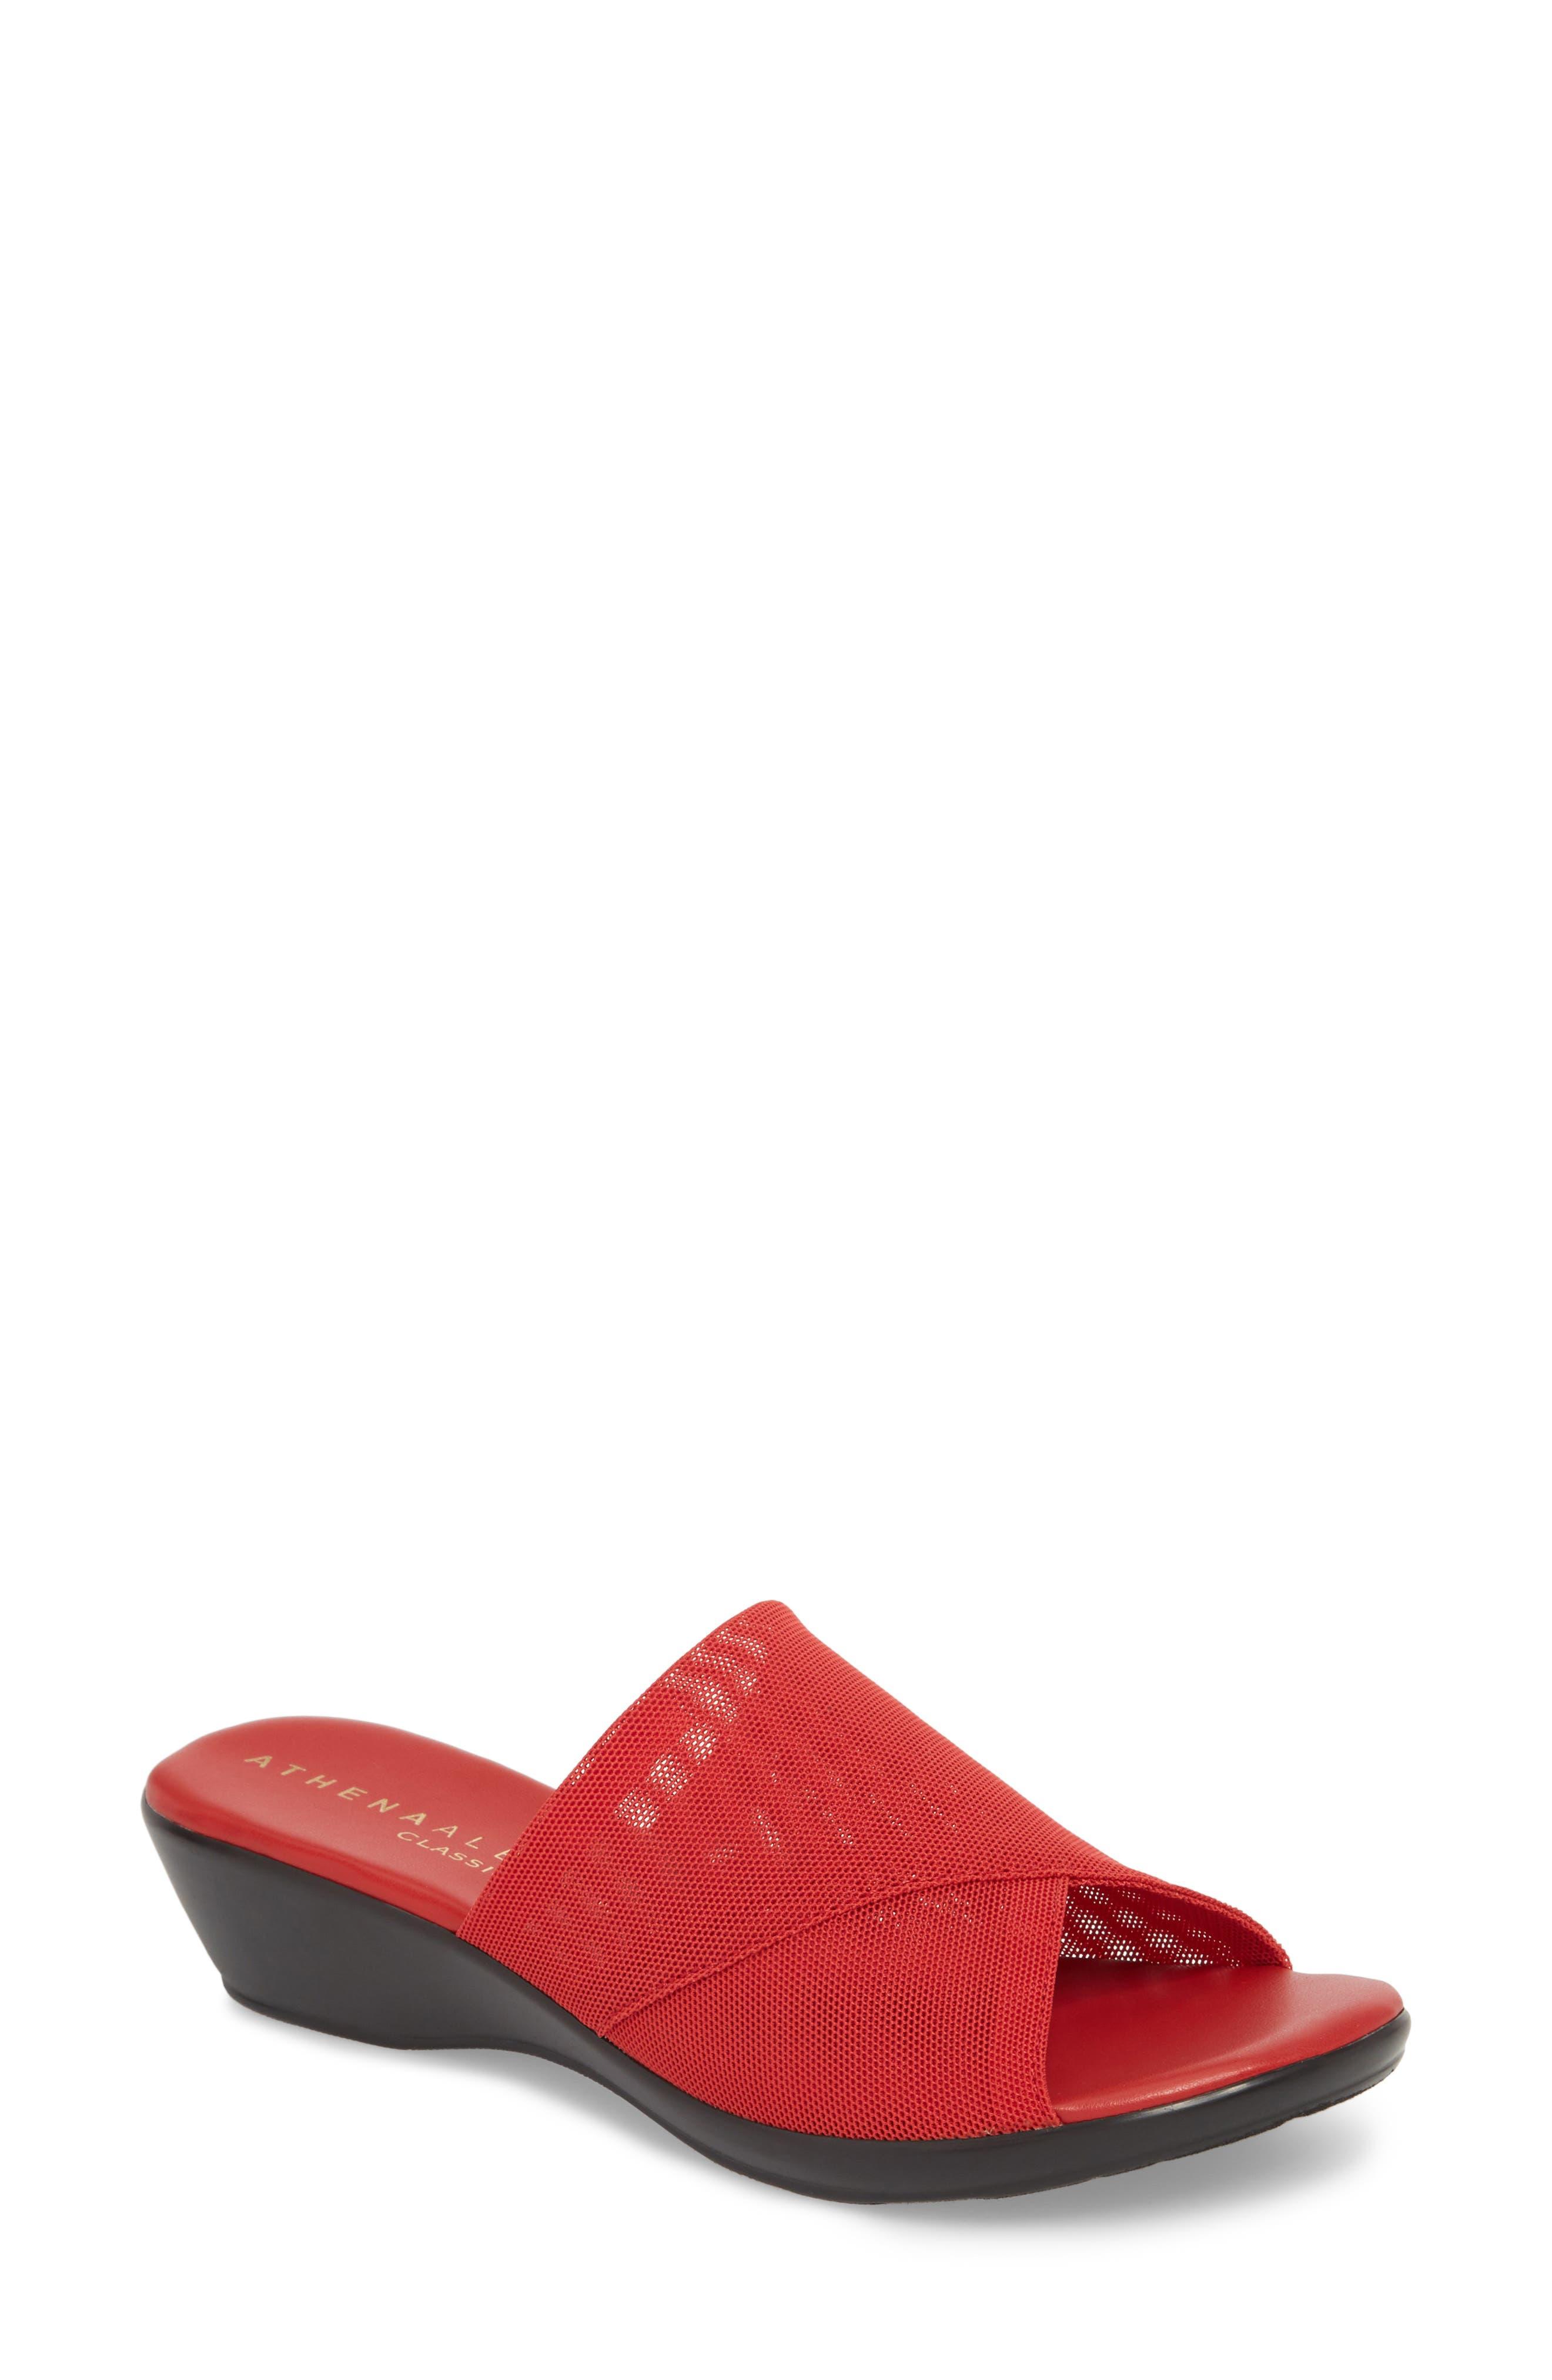 Athena Alexander Viola Slide Sandal, Red